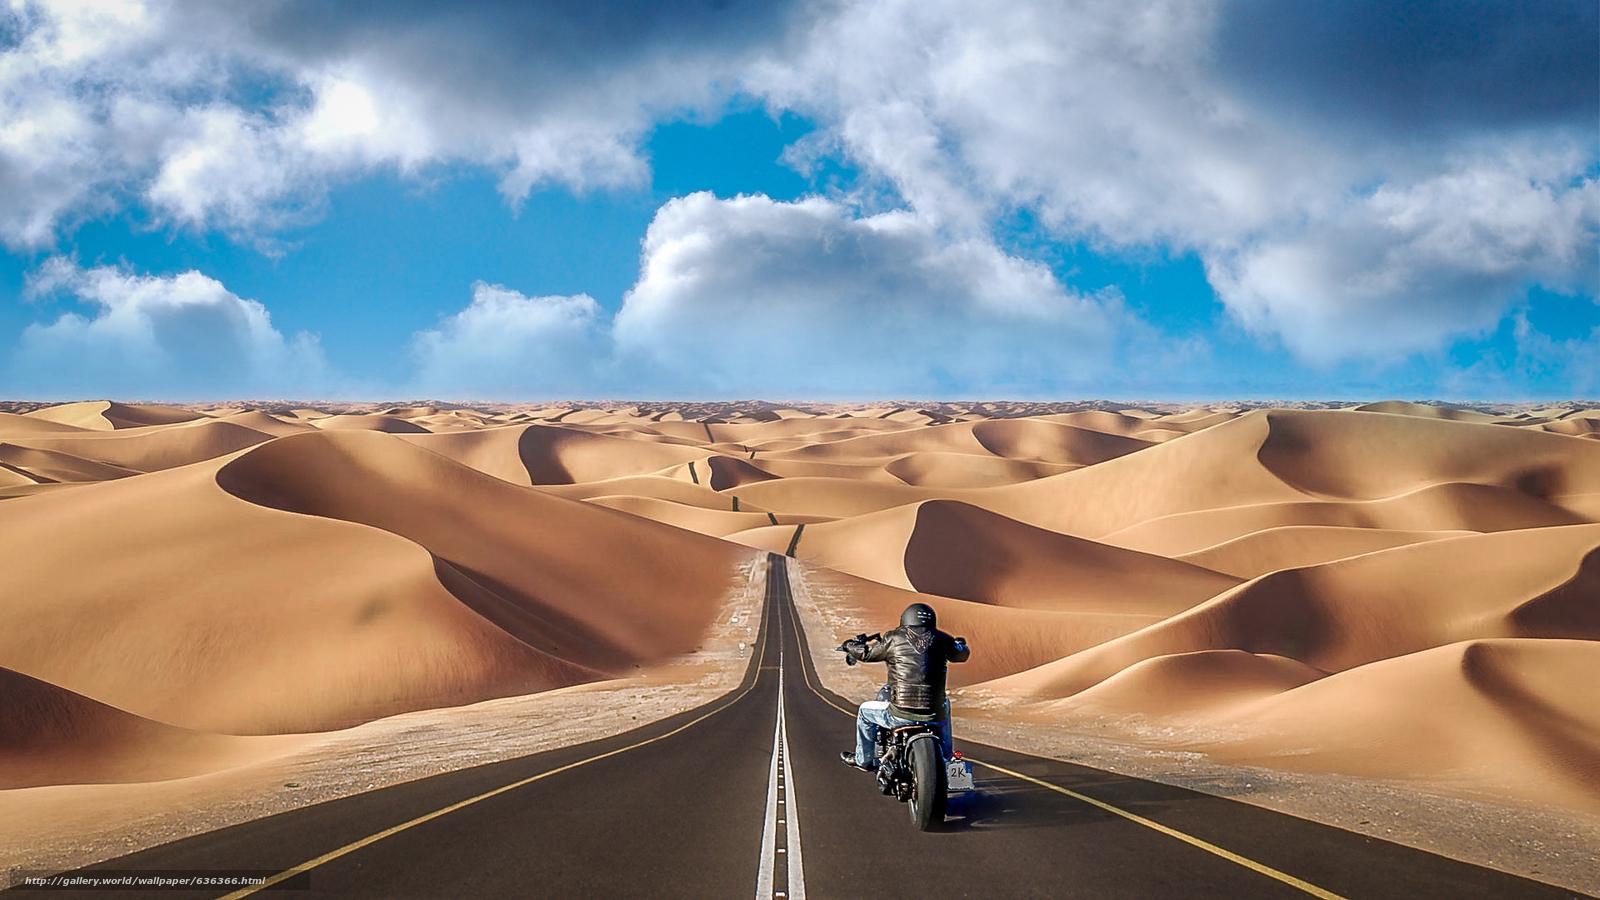 pobra tapety droga,  piaski,  motocyklista Darmowe tapety na pulpit rozdzielczoci 1920x1080 — zdjcie №636366